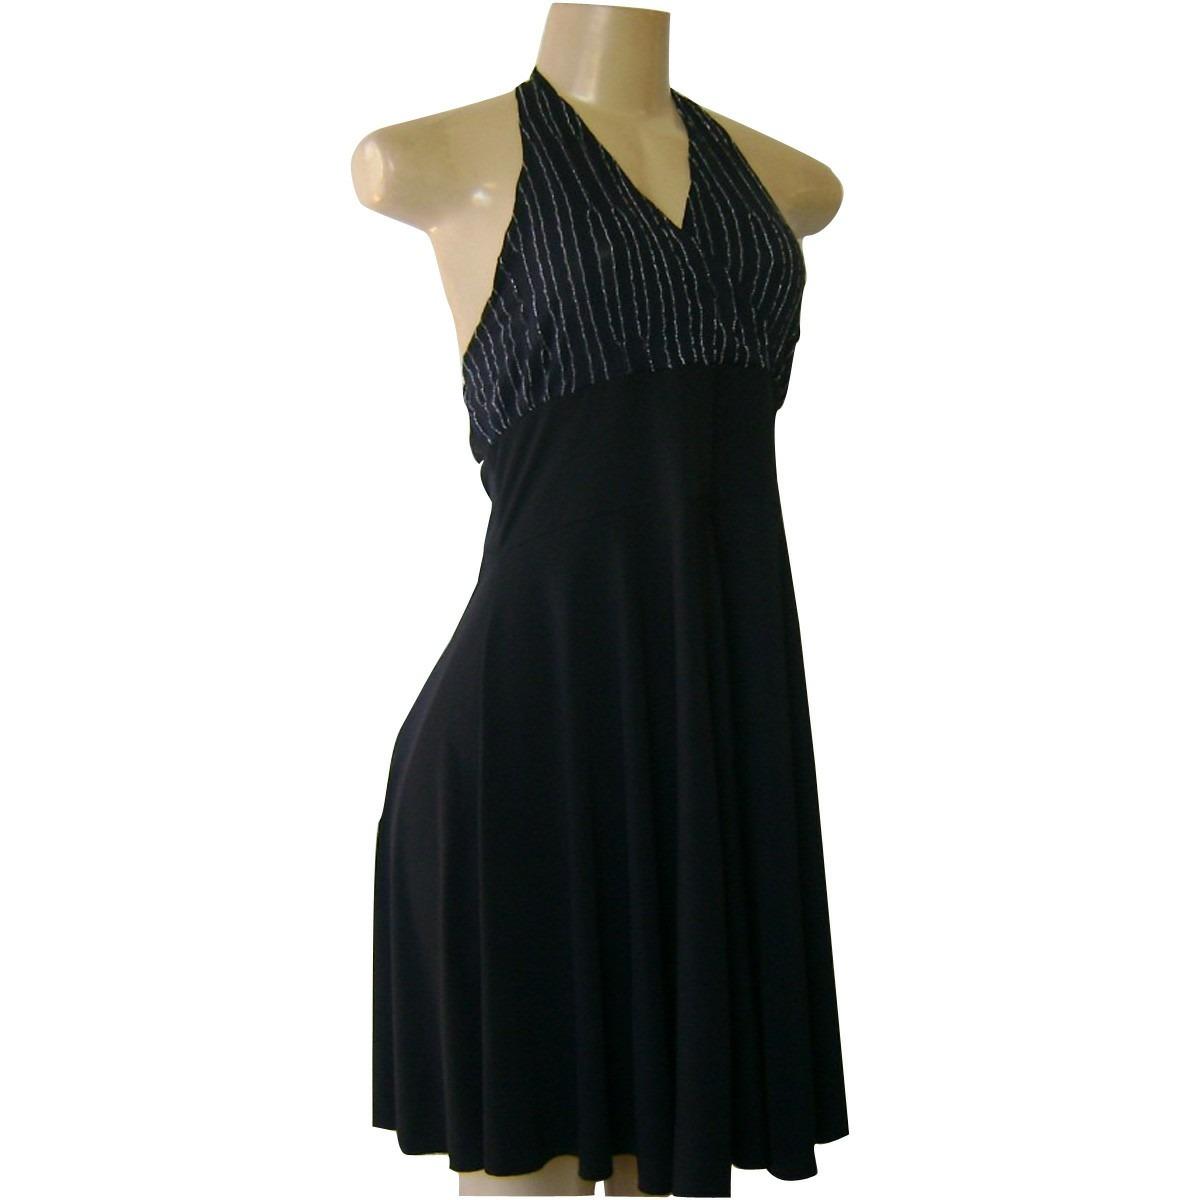 Bolsa De Festa Com Vestido Preto : Vestido preto brilhante modelo frente unica balada festa